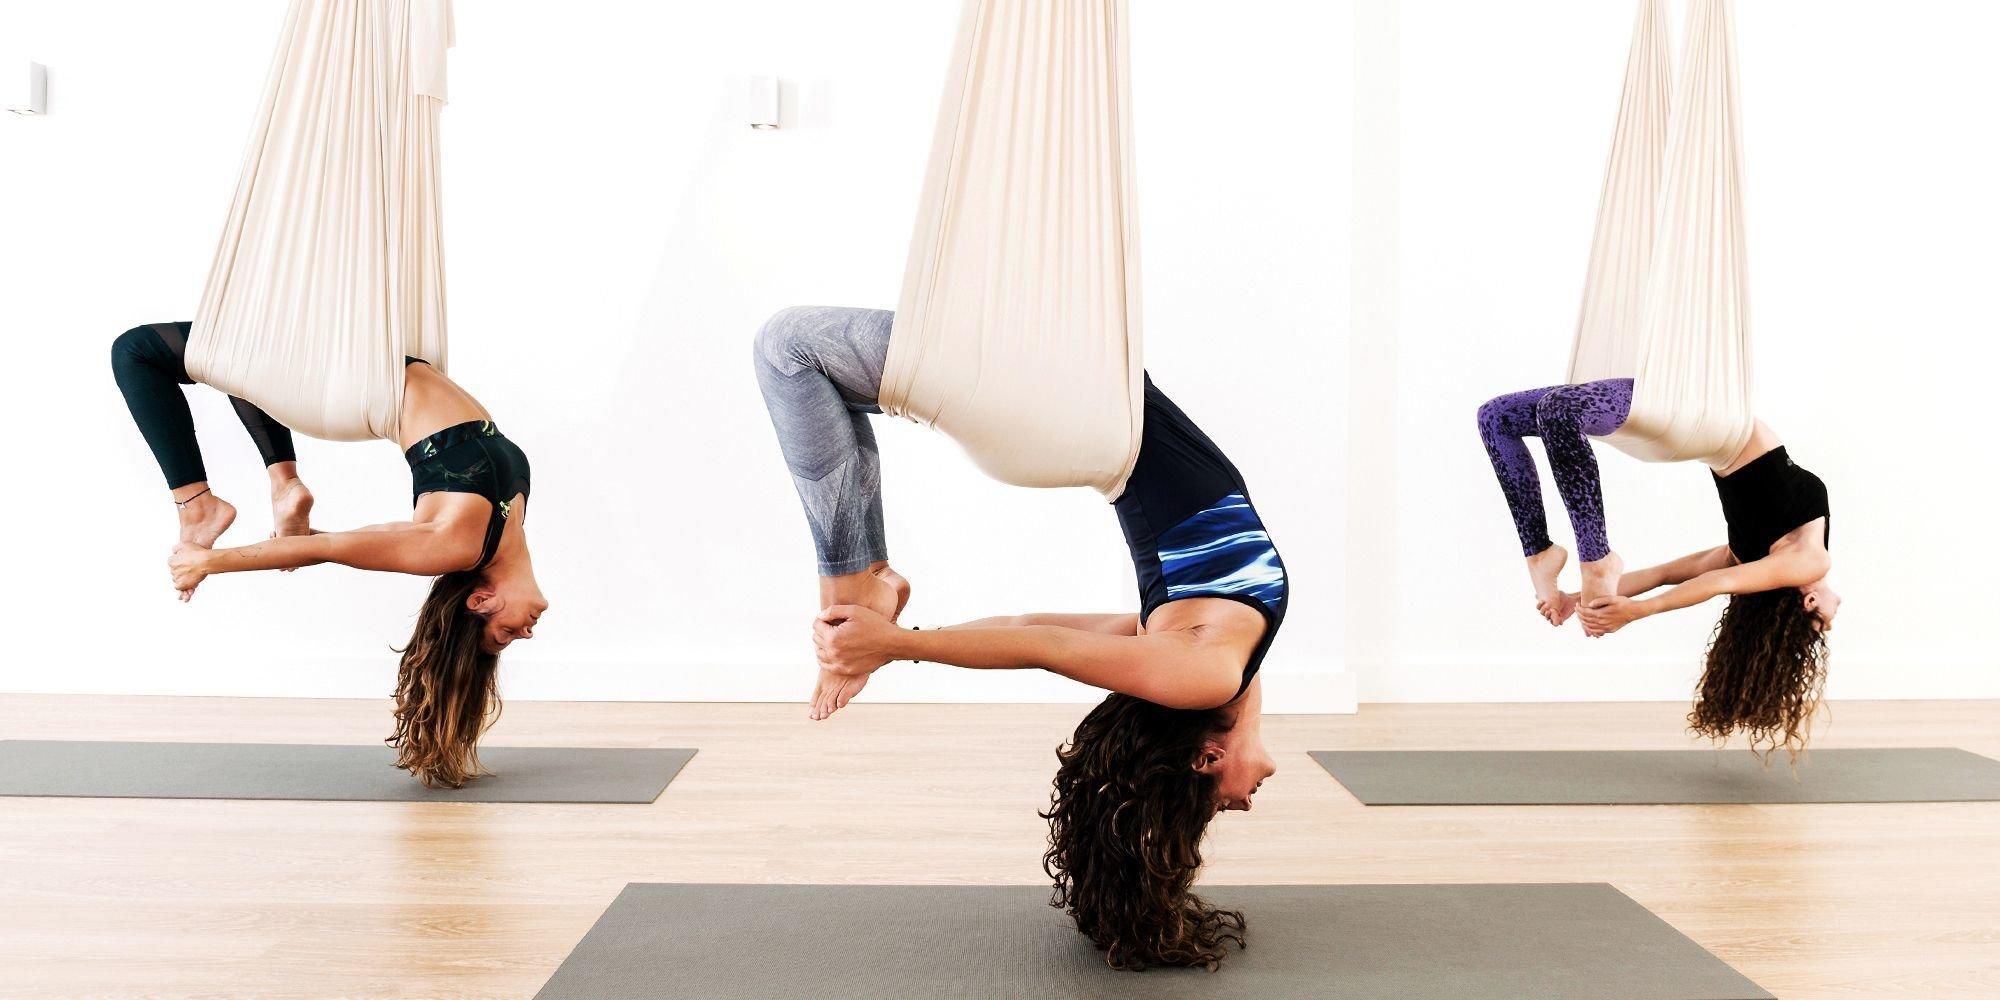 Пекельно боляче і підходить тільки жінкам: 10 найбільш поширених міфів про стретчинг